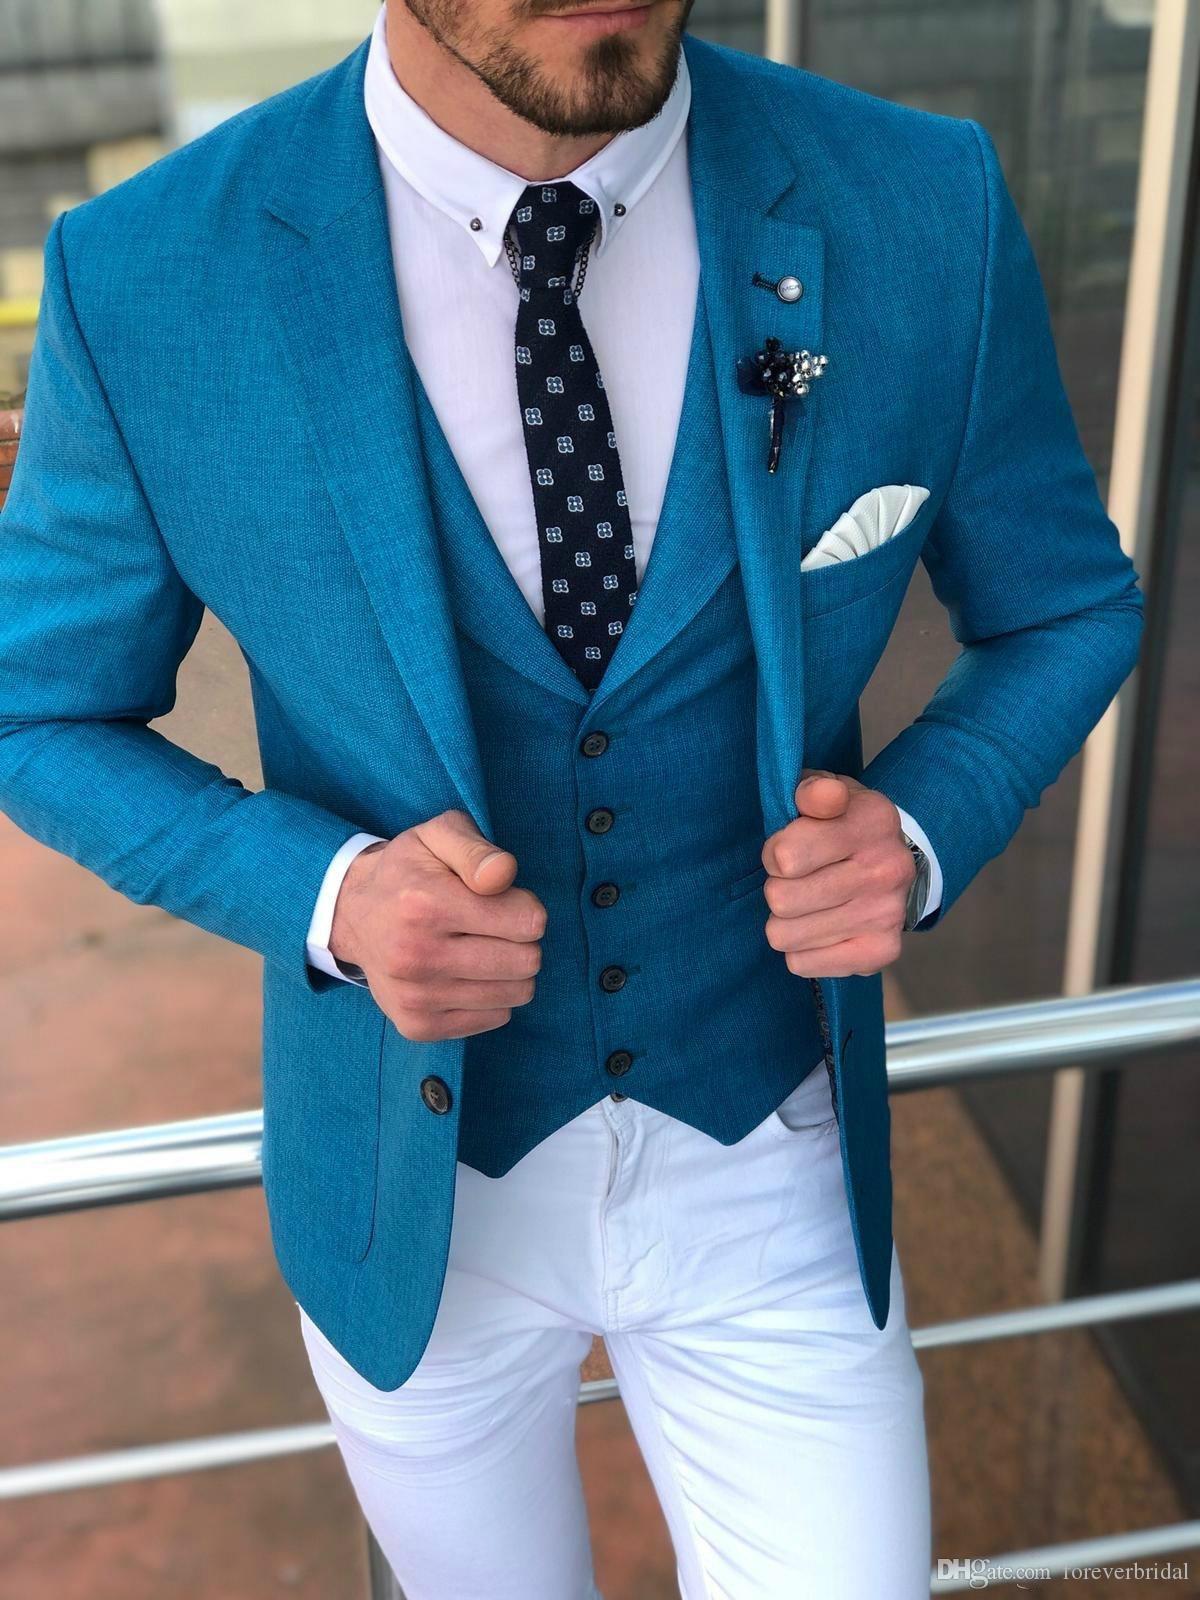 Novos Noivos Smokings De Smoking Azul Elegante Dois Homens De Botões Fatos Formais Bonitos Que Os Melhores Homens Usam Para O Casamento (Casaco+Colete)